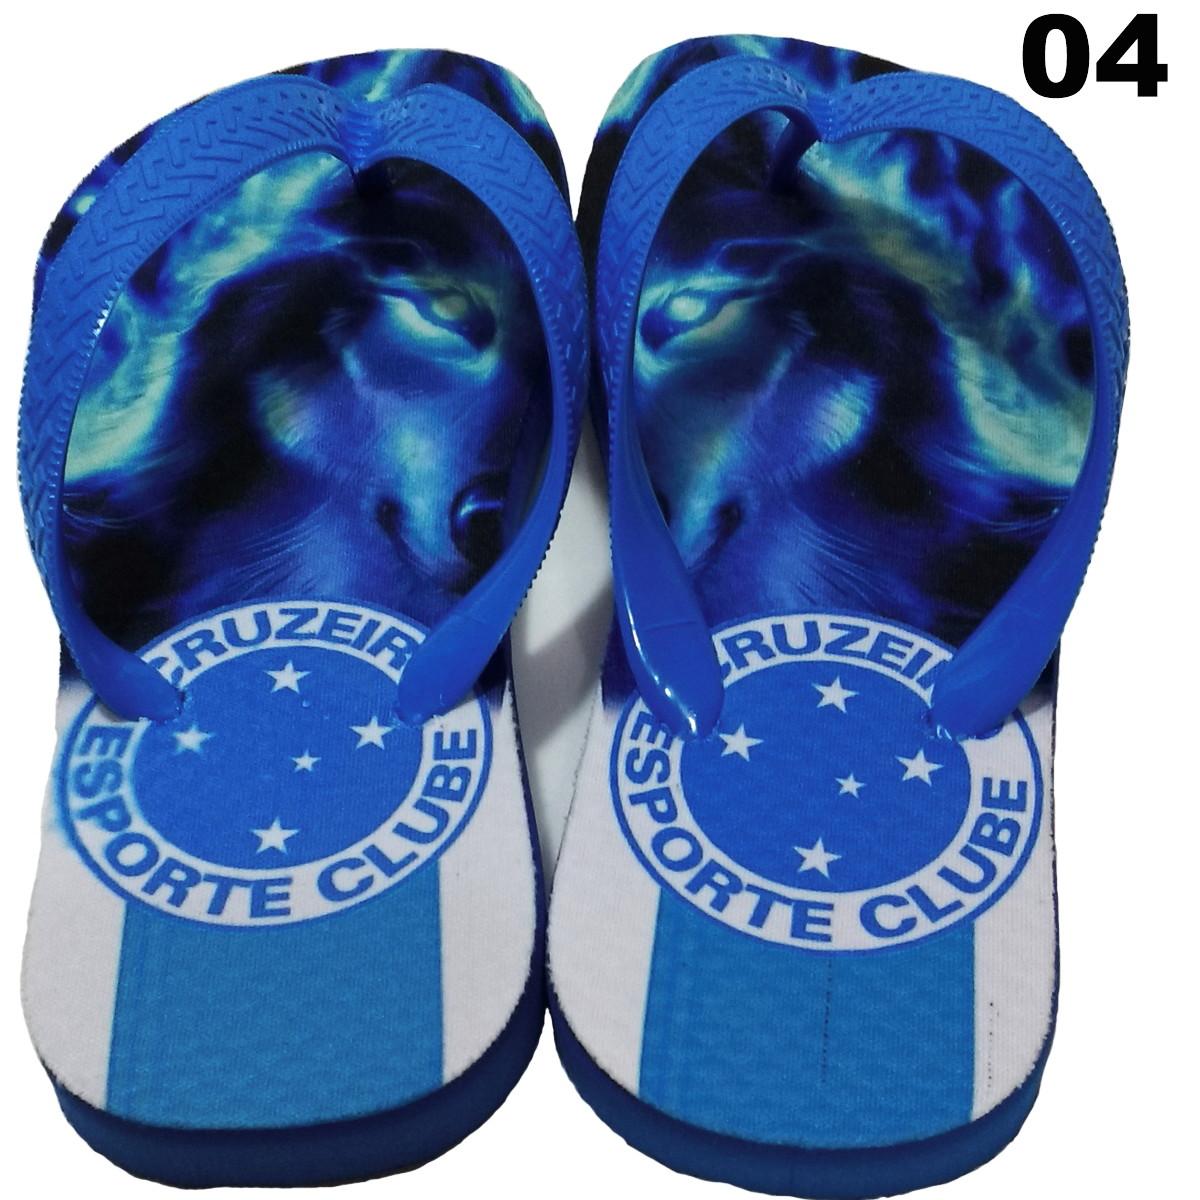 79609d7bb2 Chinelo Cruzeiro Time do Povo | Elo7